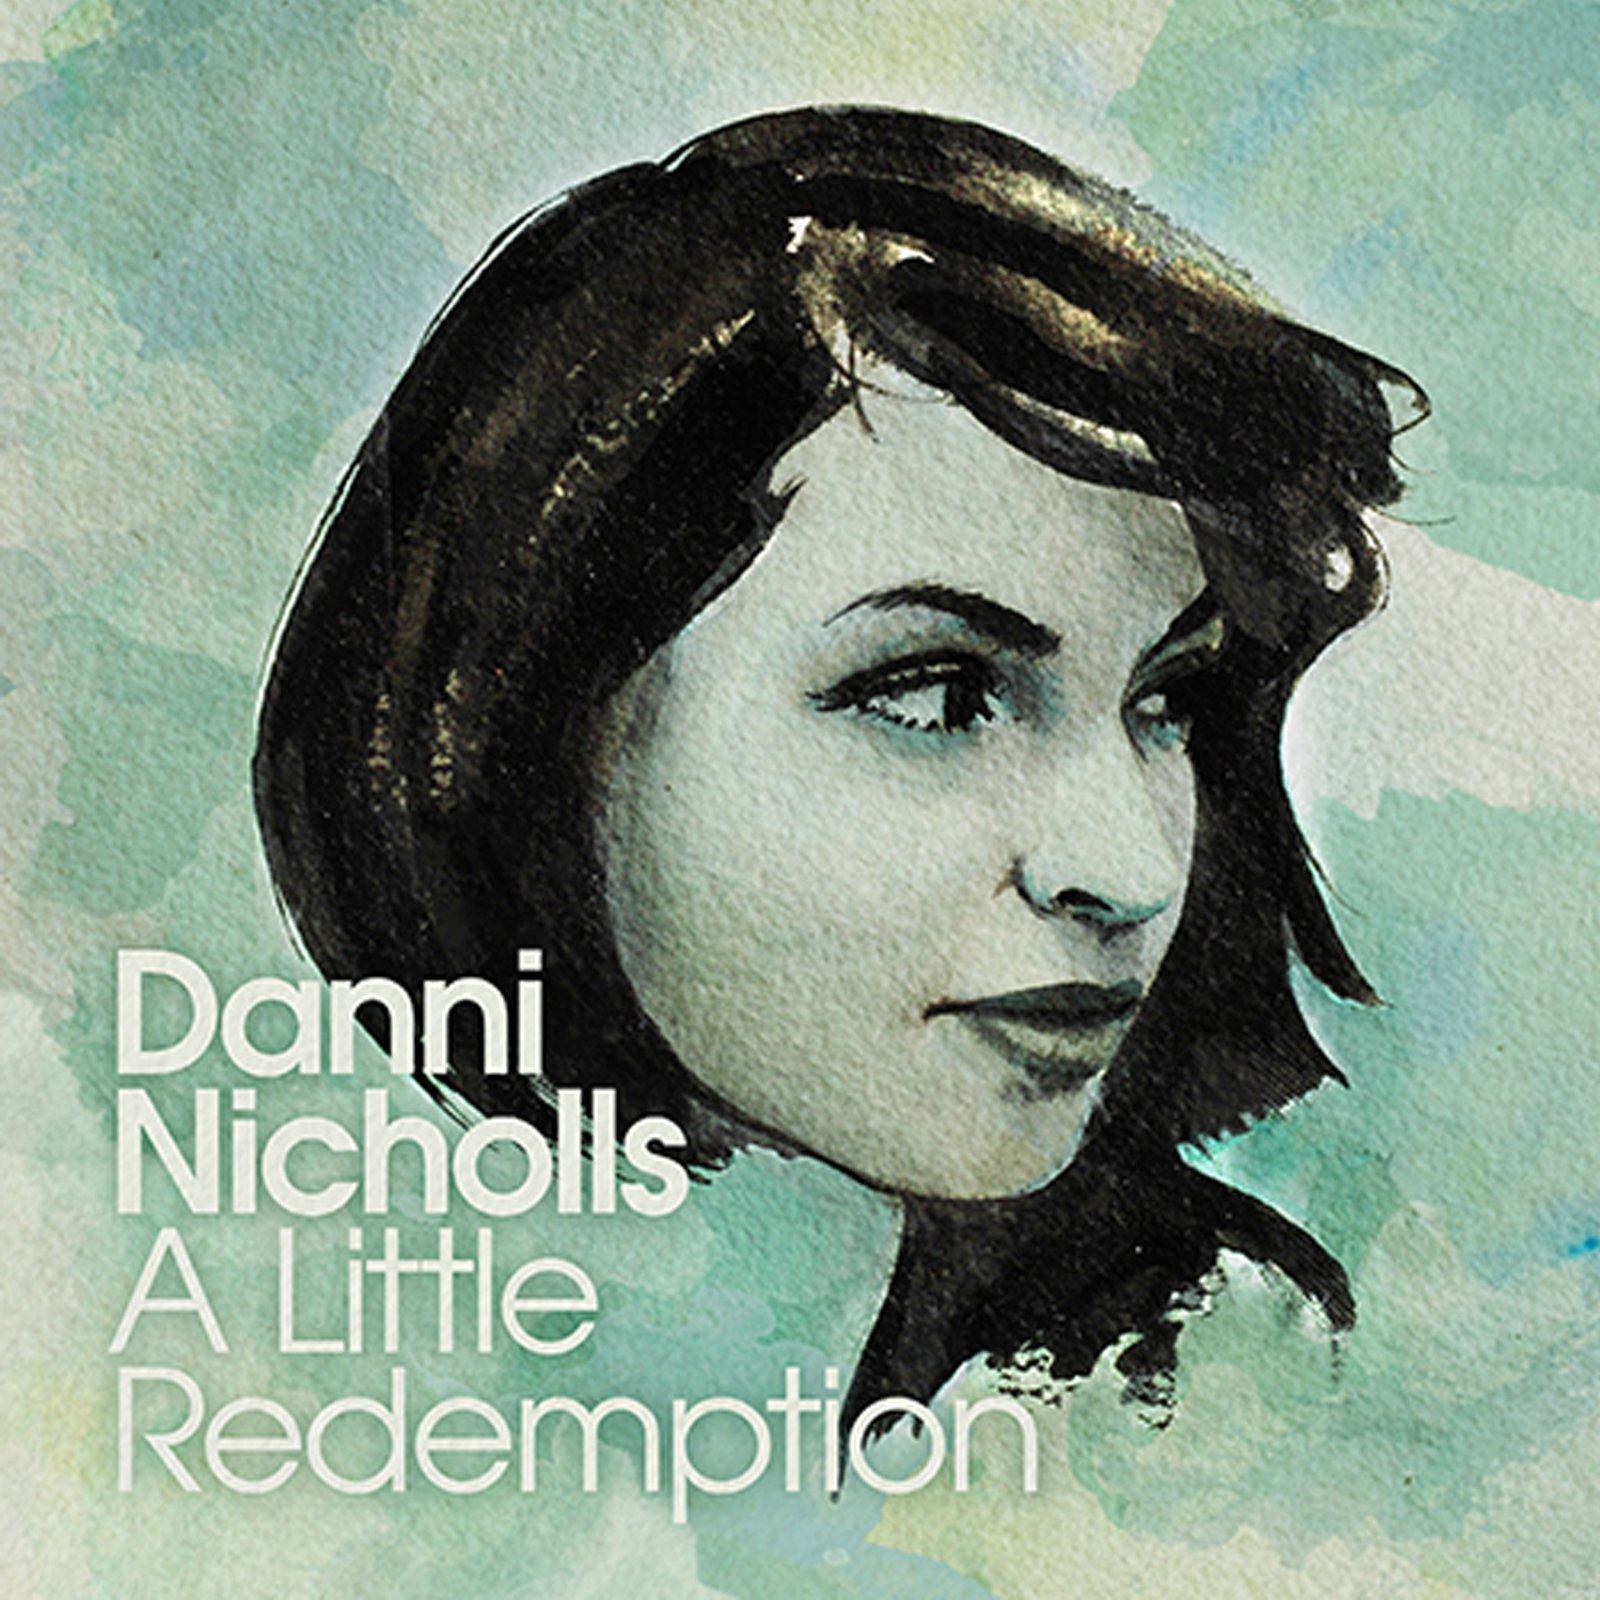 Danni Nicholls singer song writer ALR Album cover